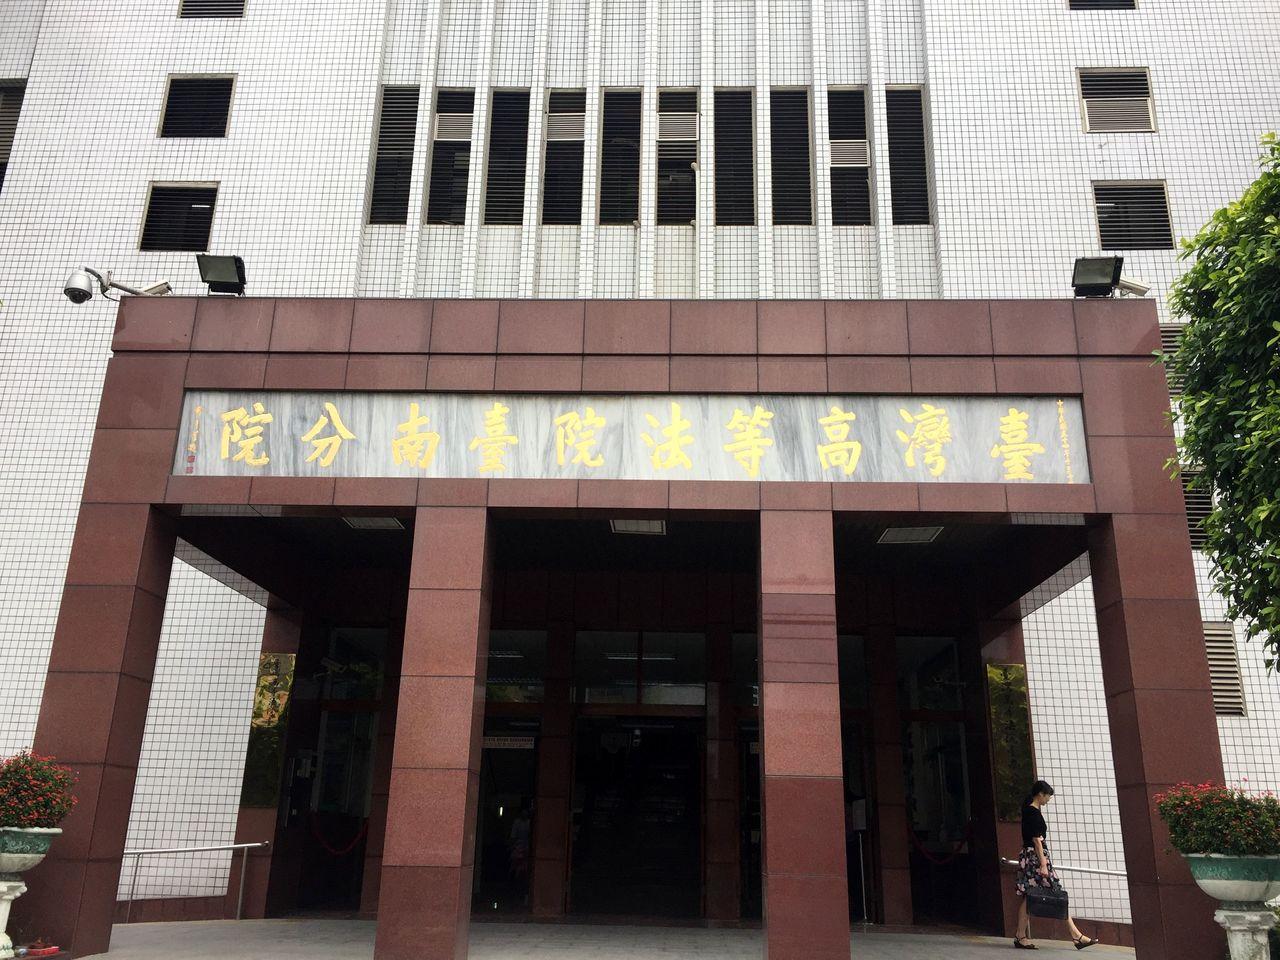 台南歸仁雙屍命案,歷經最高法院撤銷發回更審7次無法定讞,台南高分檢聲請再審。圖。...